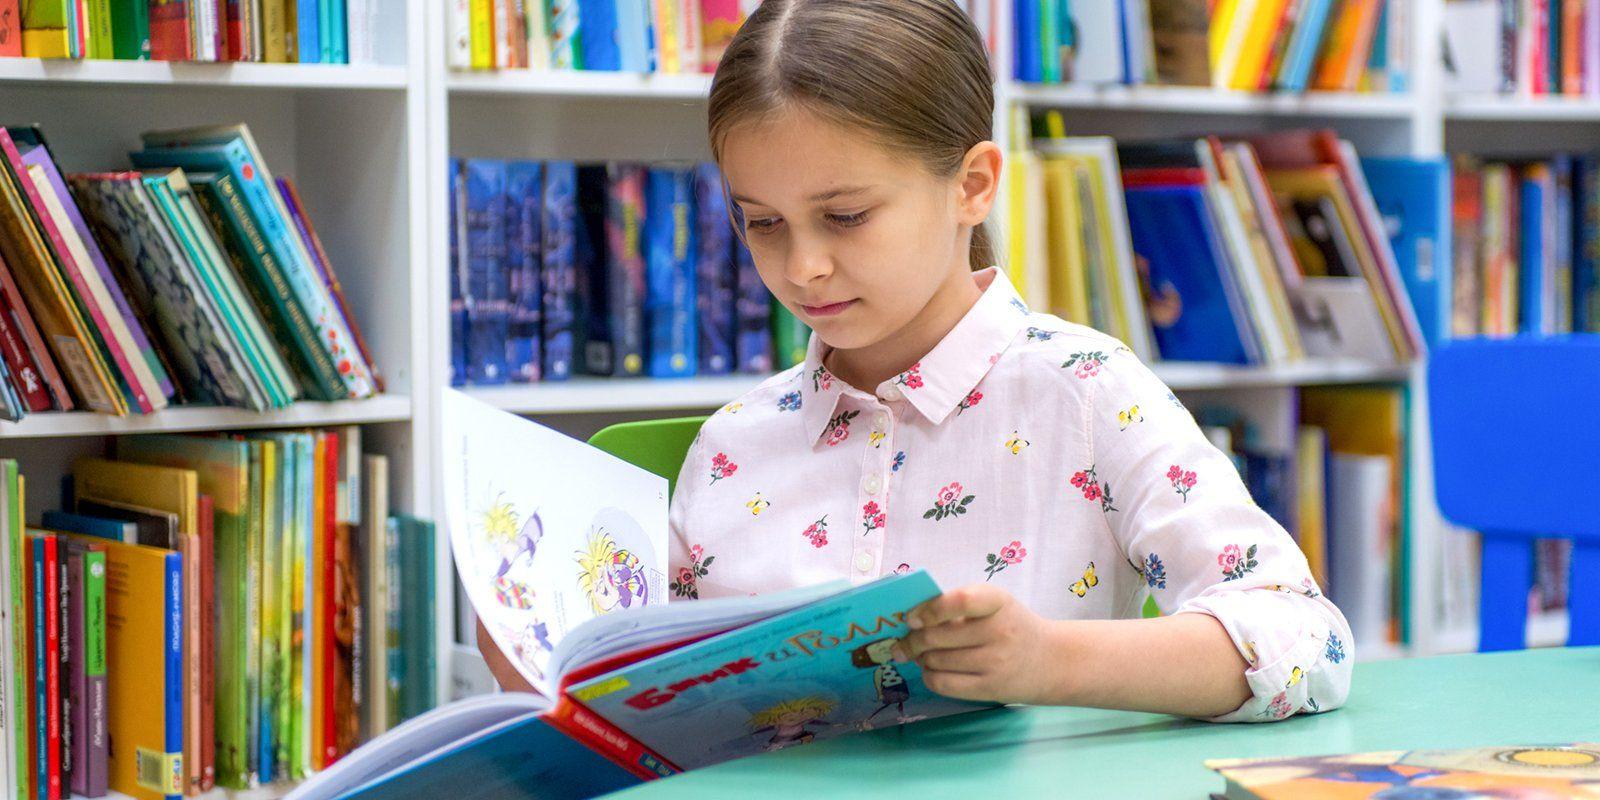 Организаторы программы расскажут детям о русском писателе-натуралисте Николае Сладкове. Фото: сайт мэра Москвы